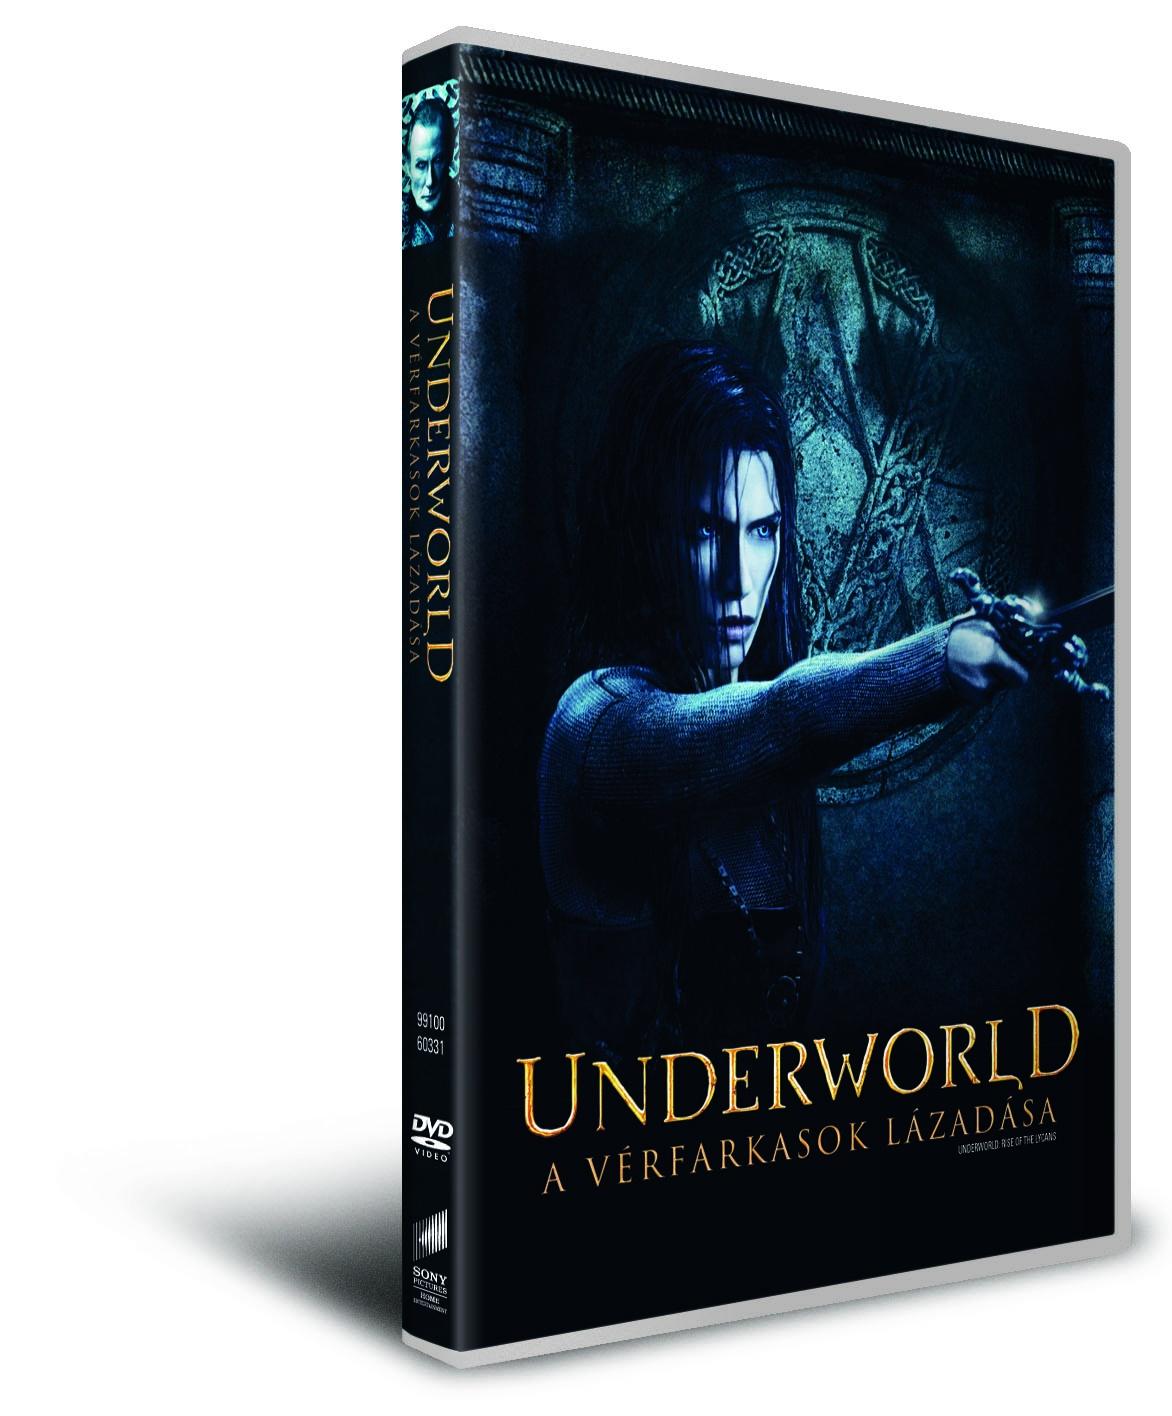 DVD-n érkezik az Underworld harmadik része.